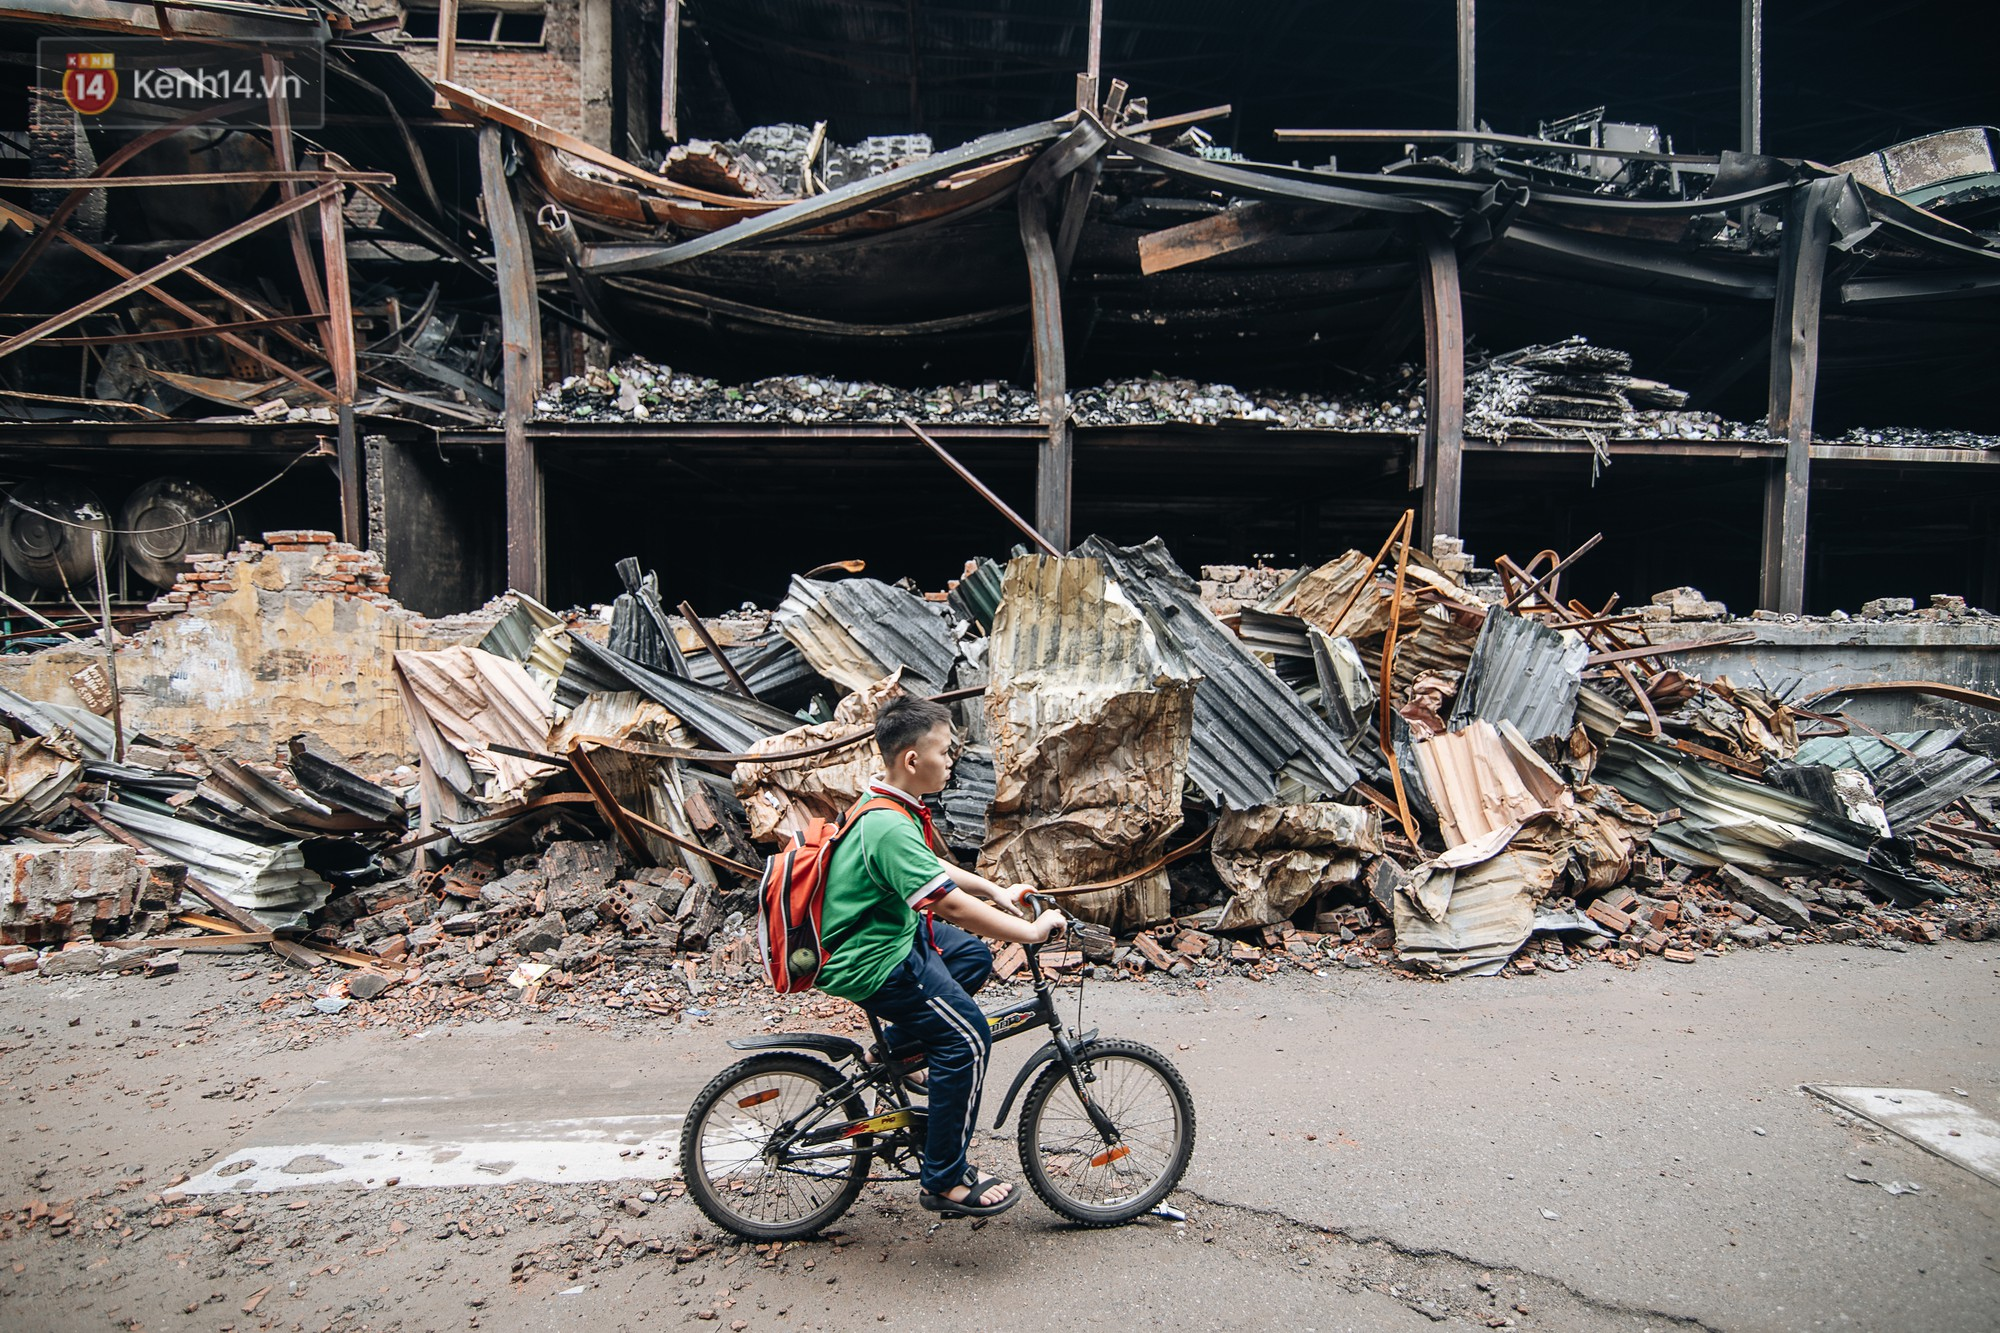 VZN News: Cuộc sống xung quanh nhà kho Rạng Đông sau vụ cháy: Người lớn cay mắt và khó thở, trẻ nhỏ được sơ tán - Ảnh 1.